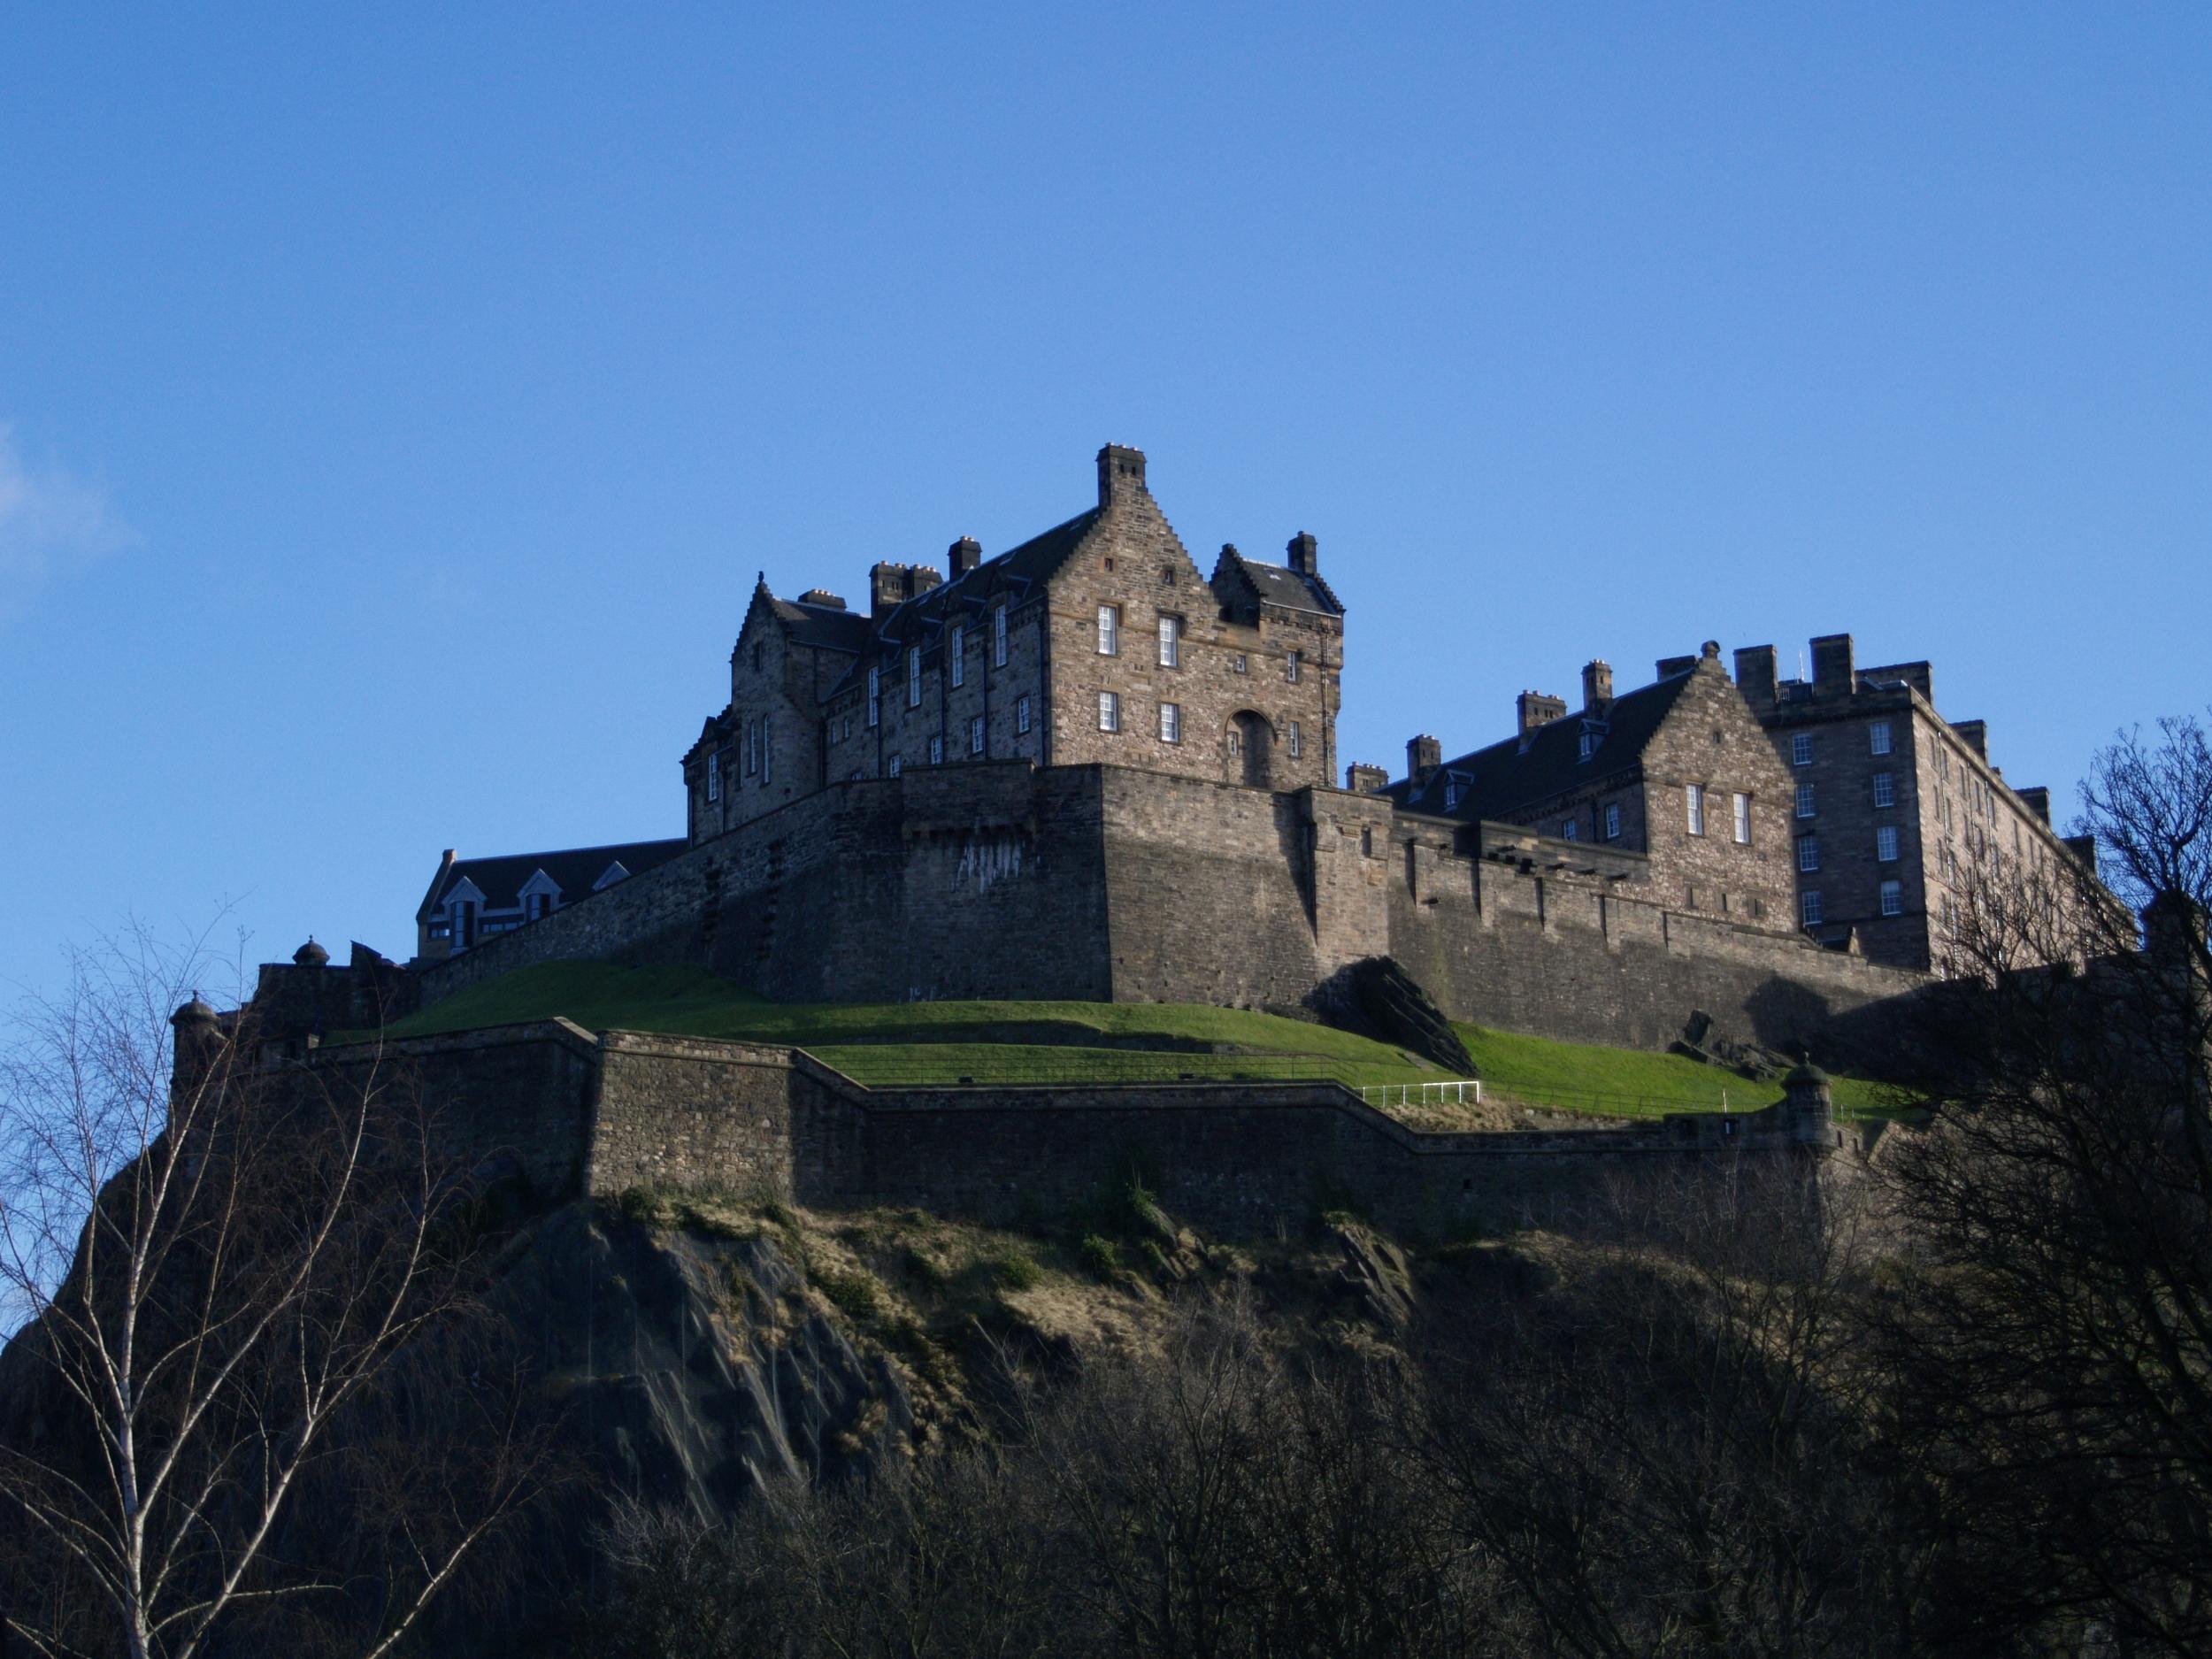 looking up towards Edinburgh's famous Castle